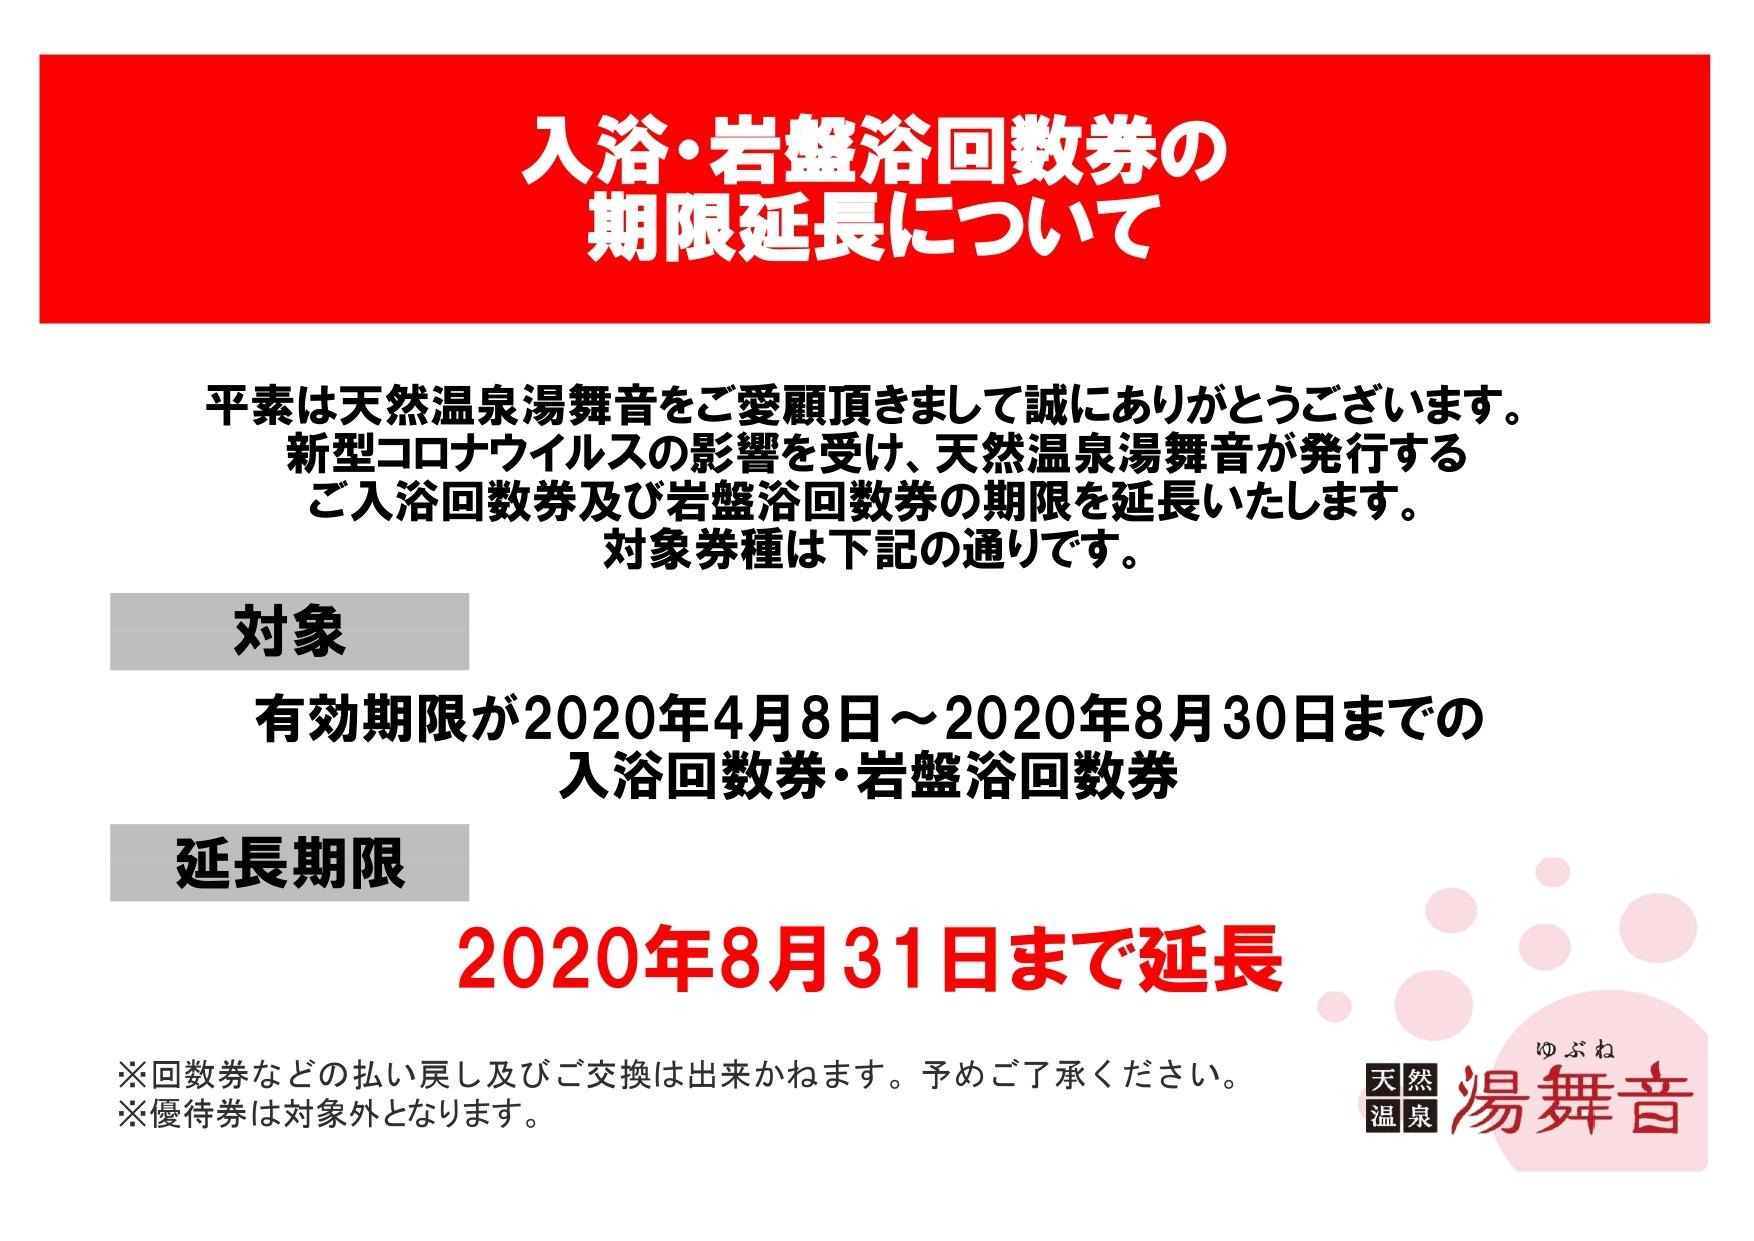 回数券の期限延長について (5/19更新)